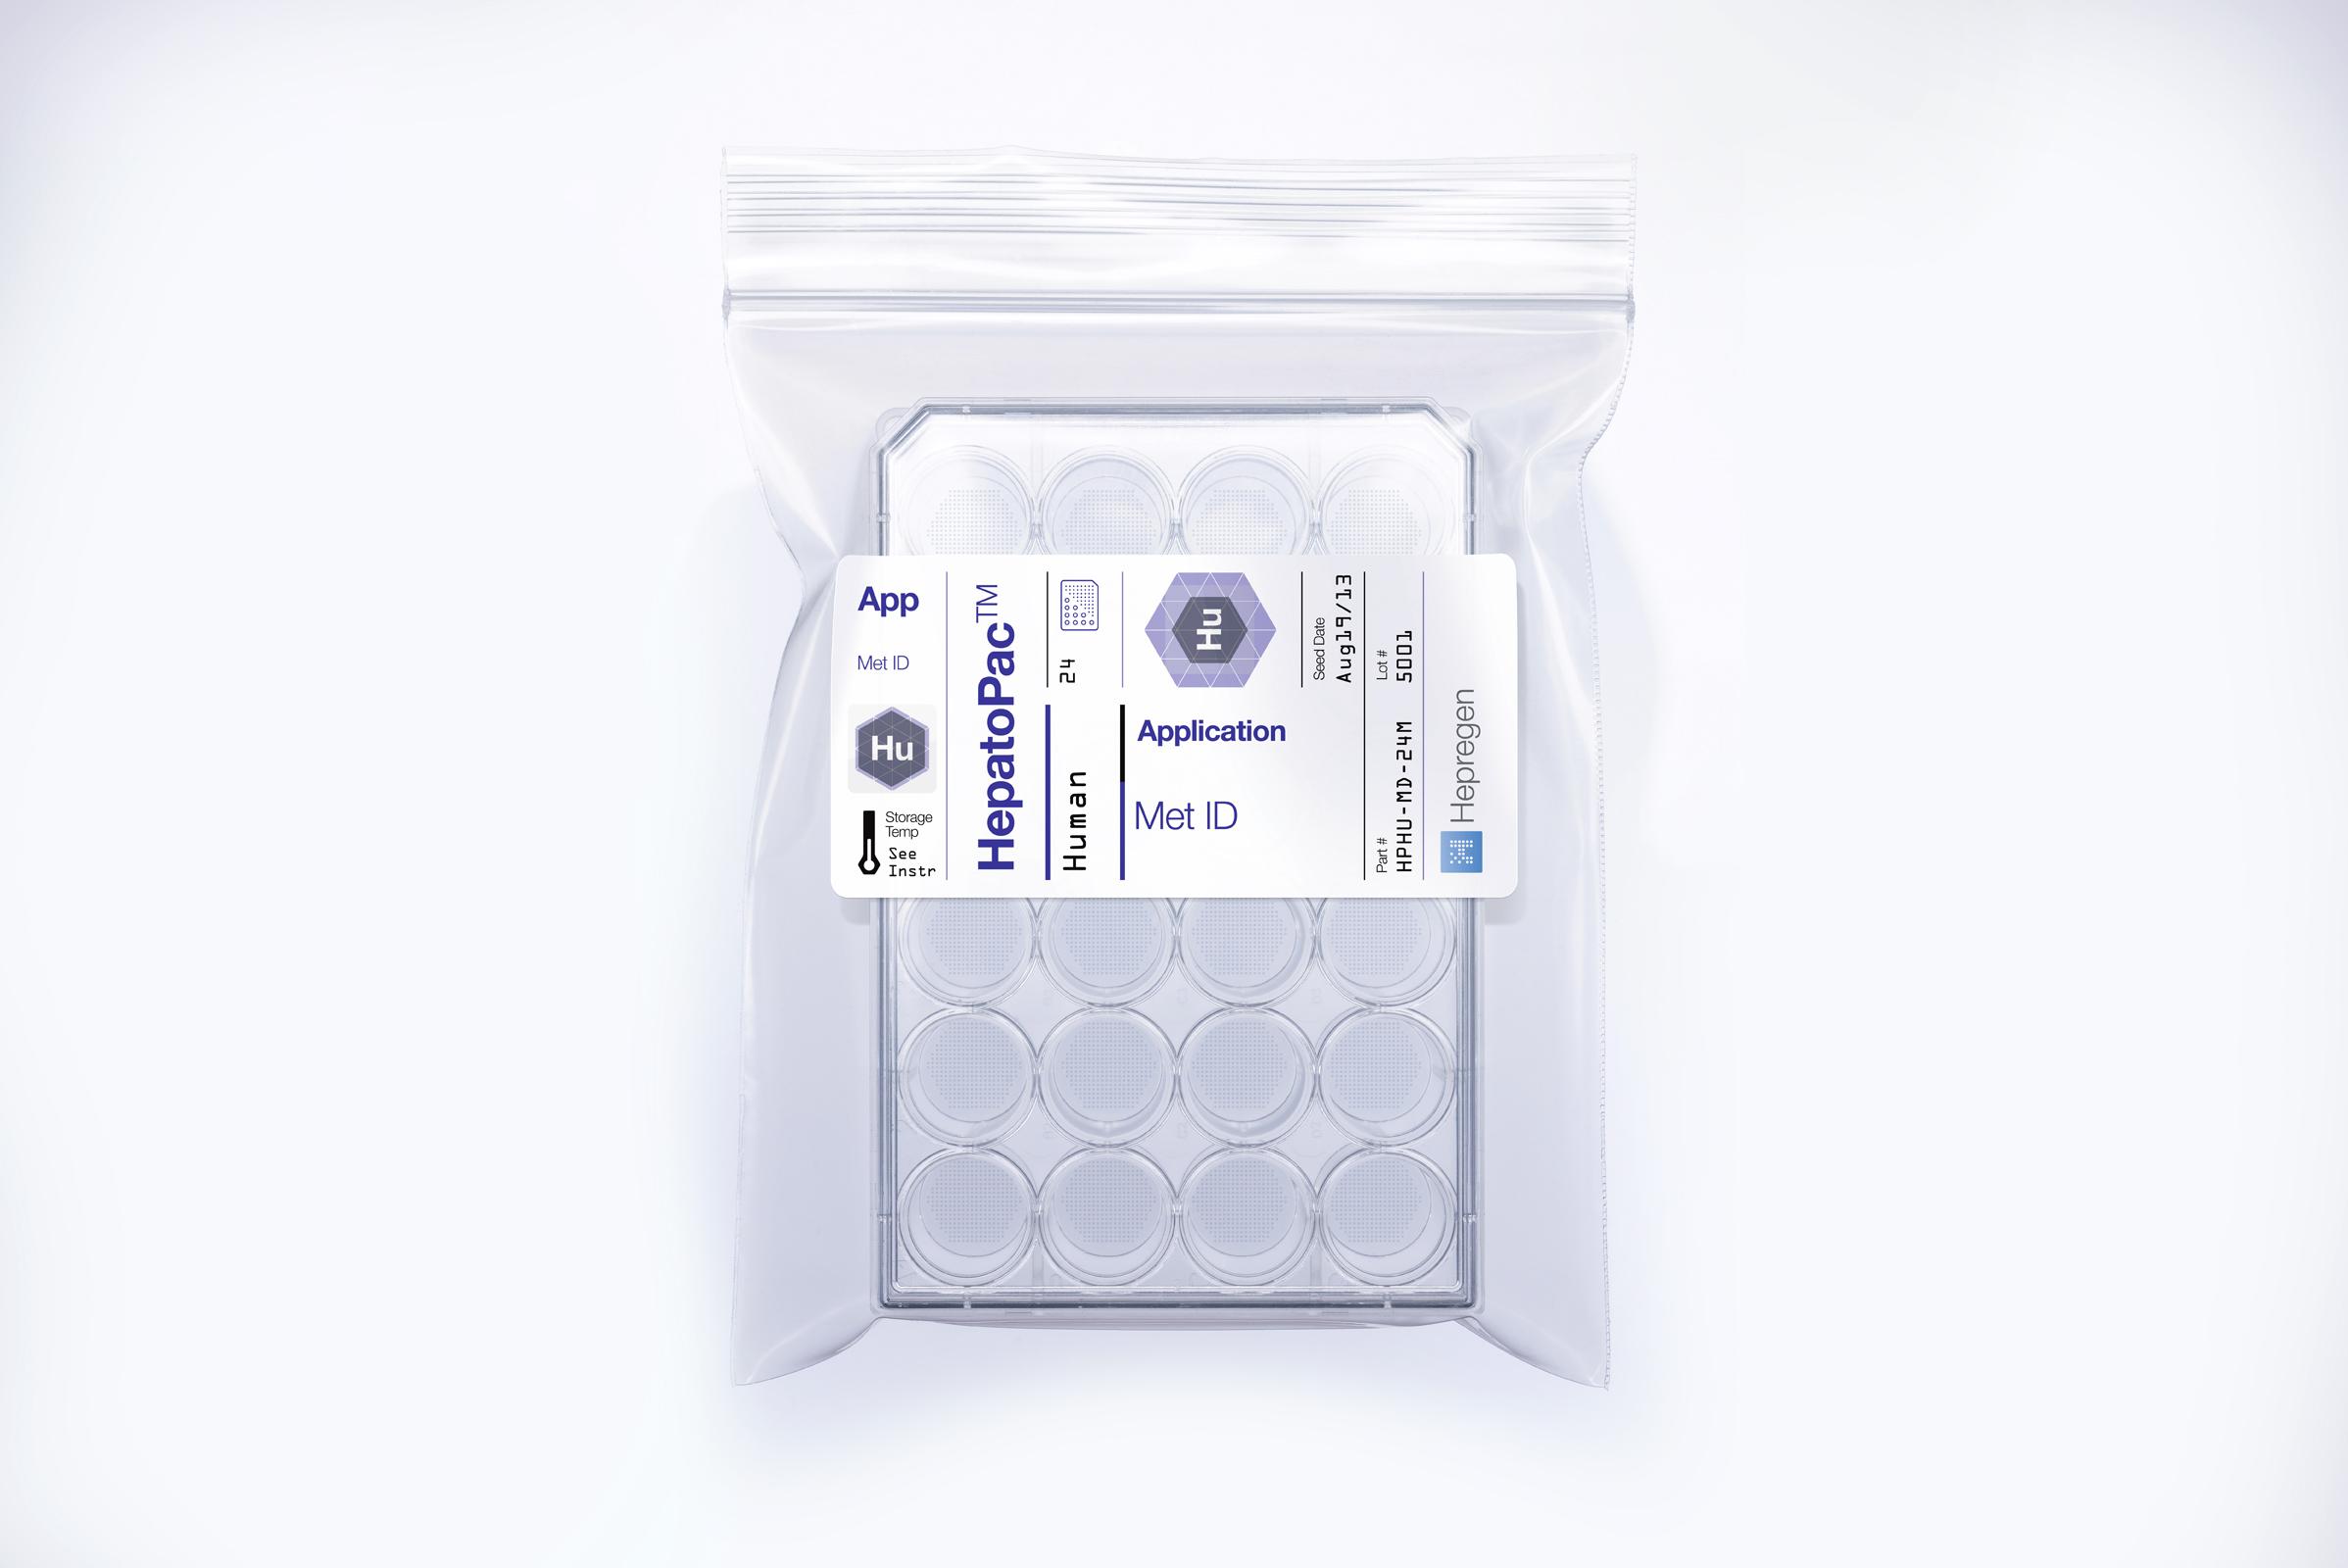 Hepregen Launches First Human Hepatopac TM DMPK Assay Kit For Metabolite Ide